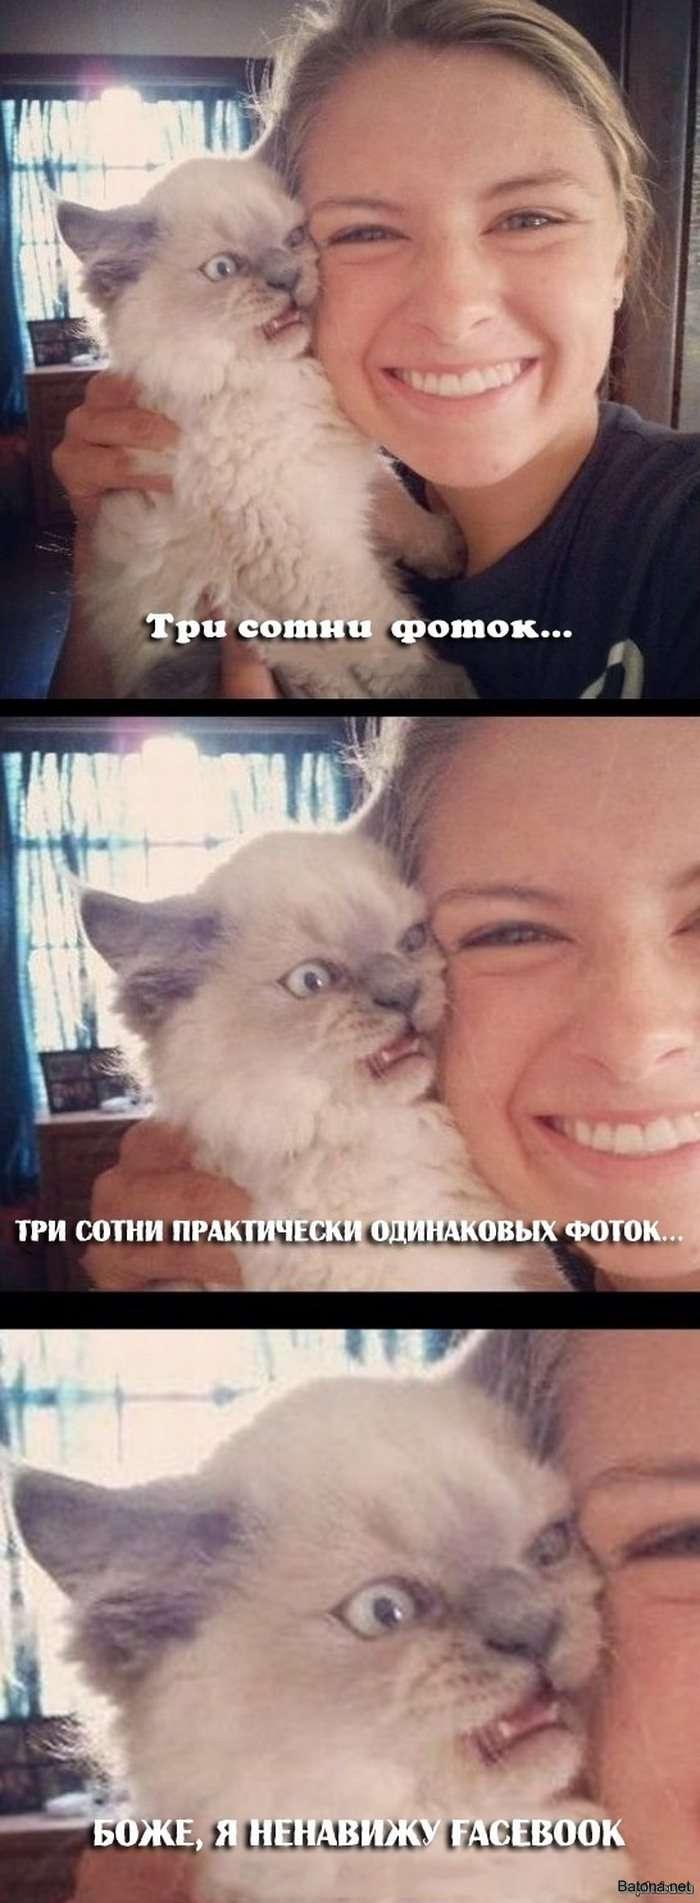 Подборка комиксов и приколов №189 (30 картинок)